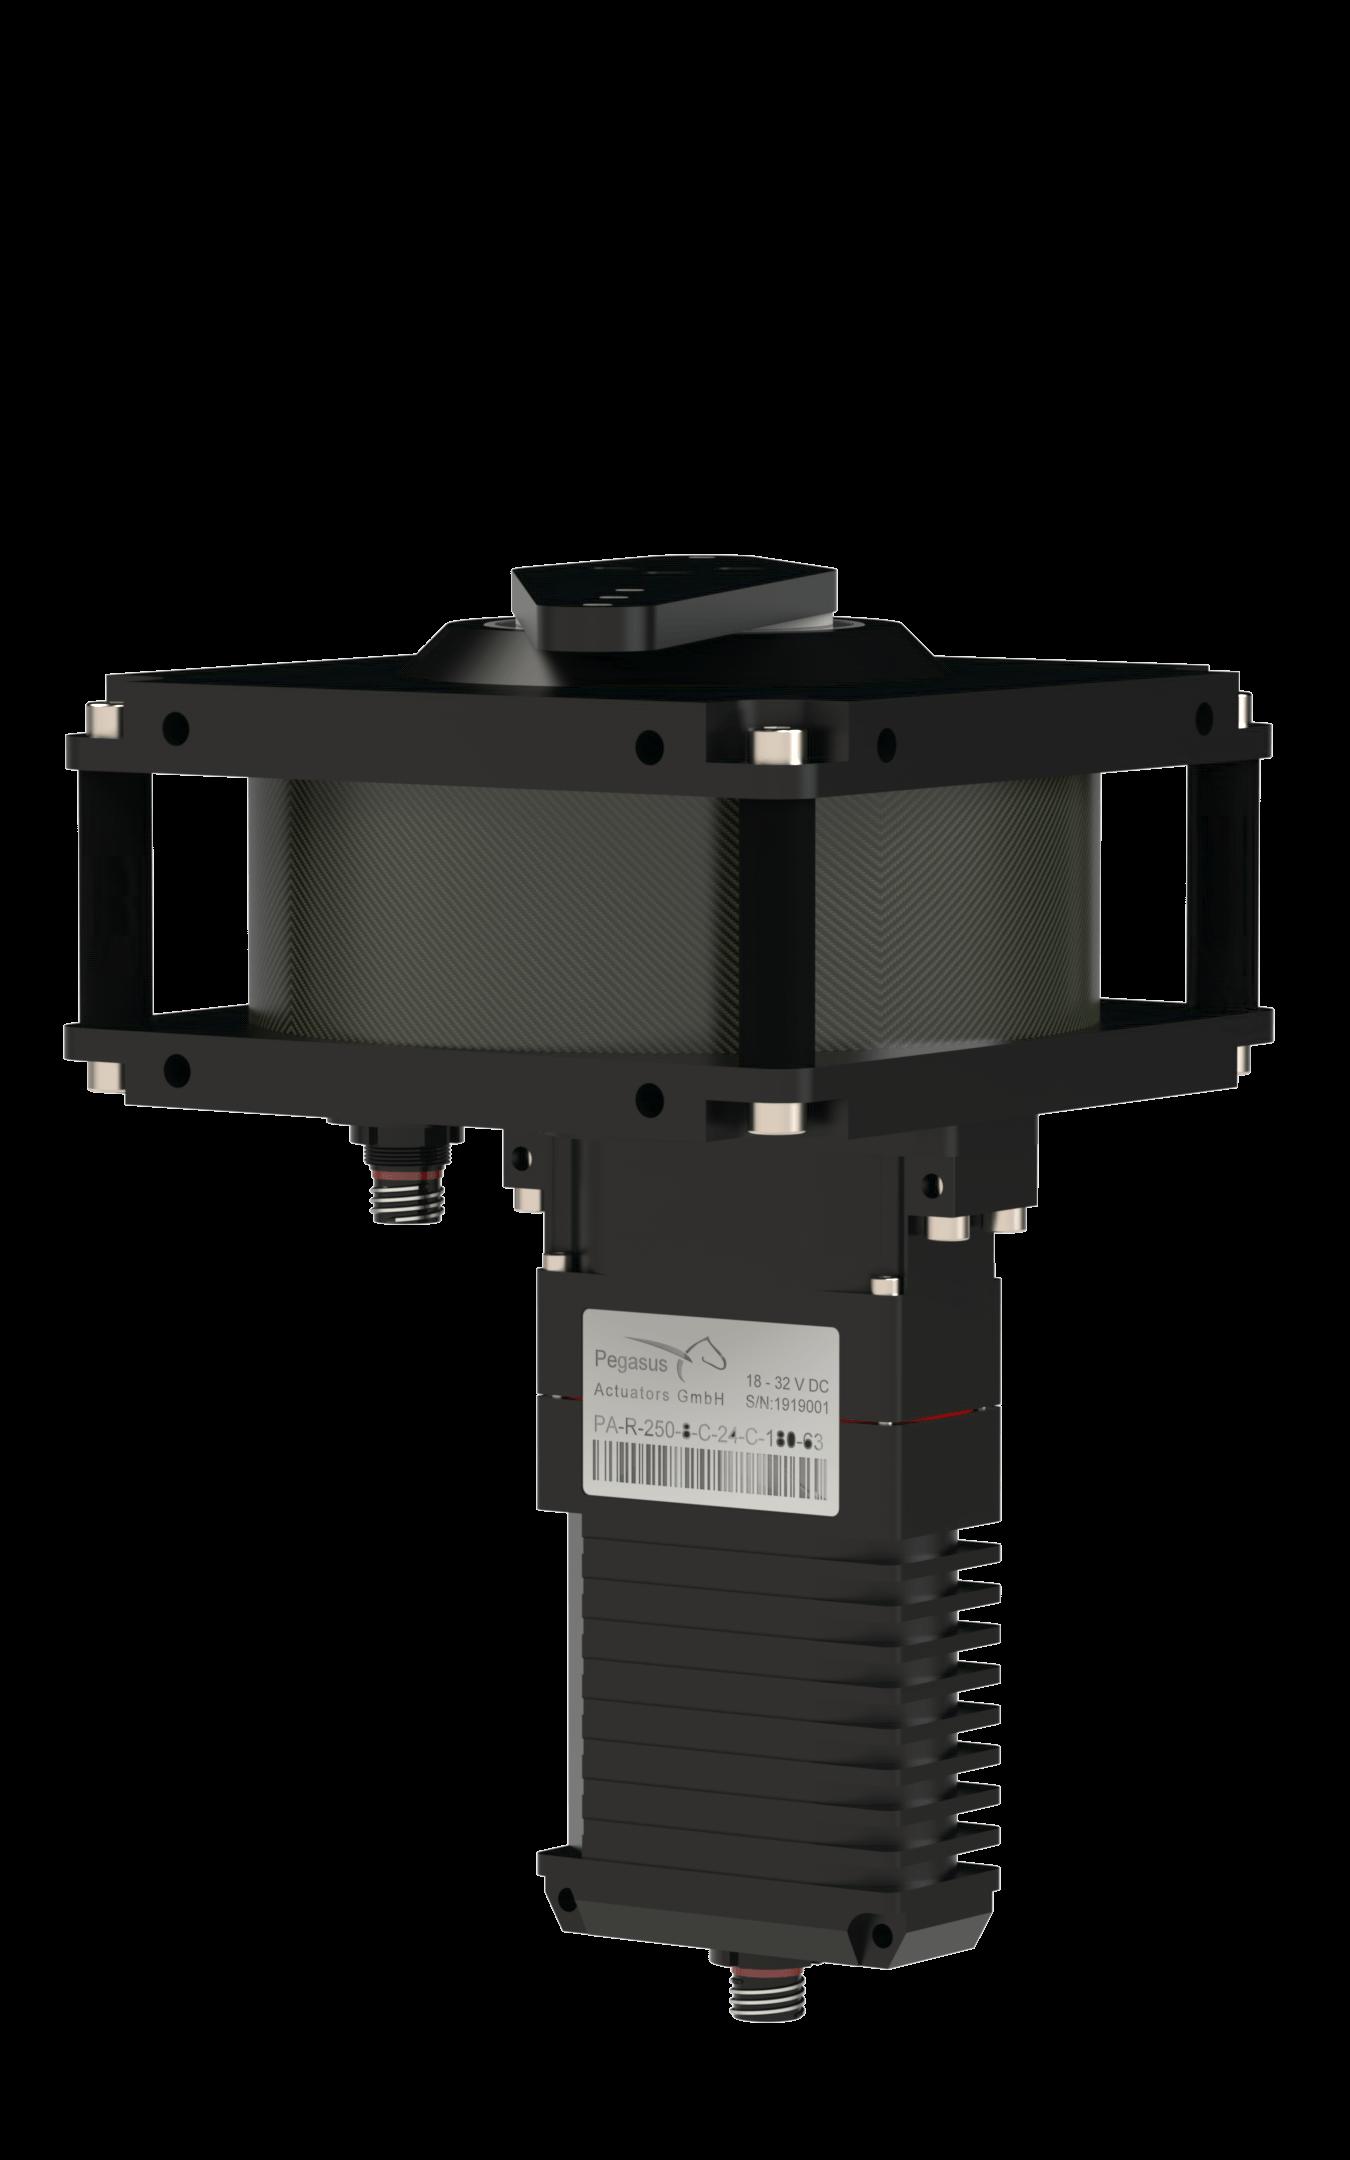 PA-R-250-8-OPV Actuators